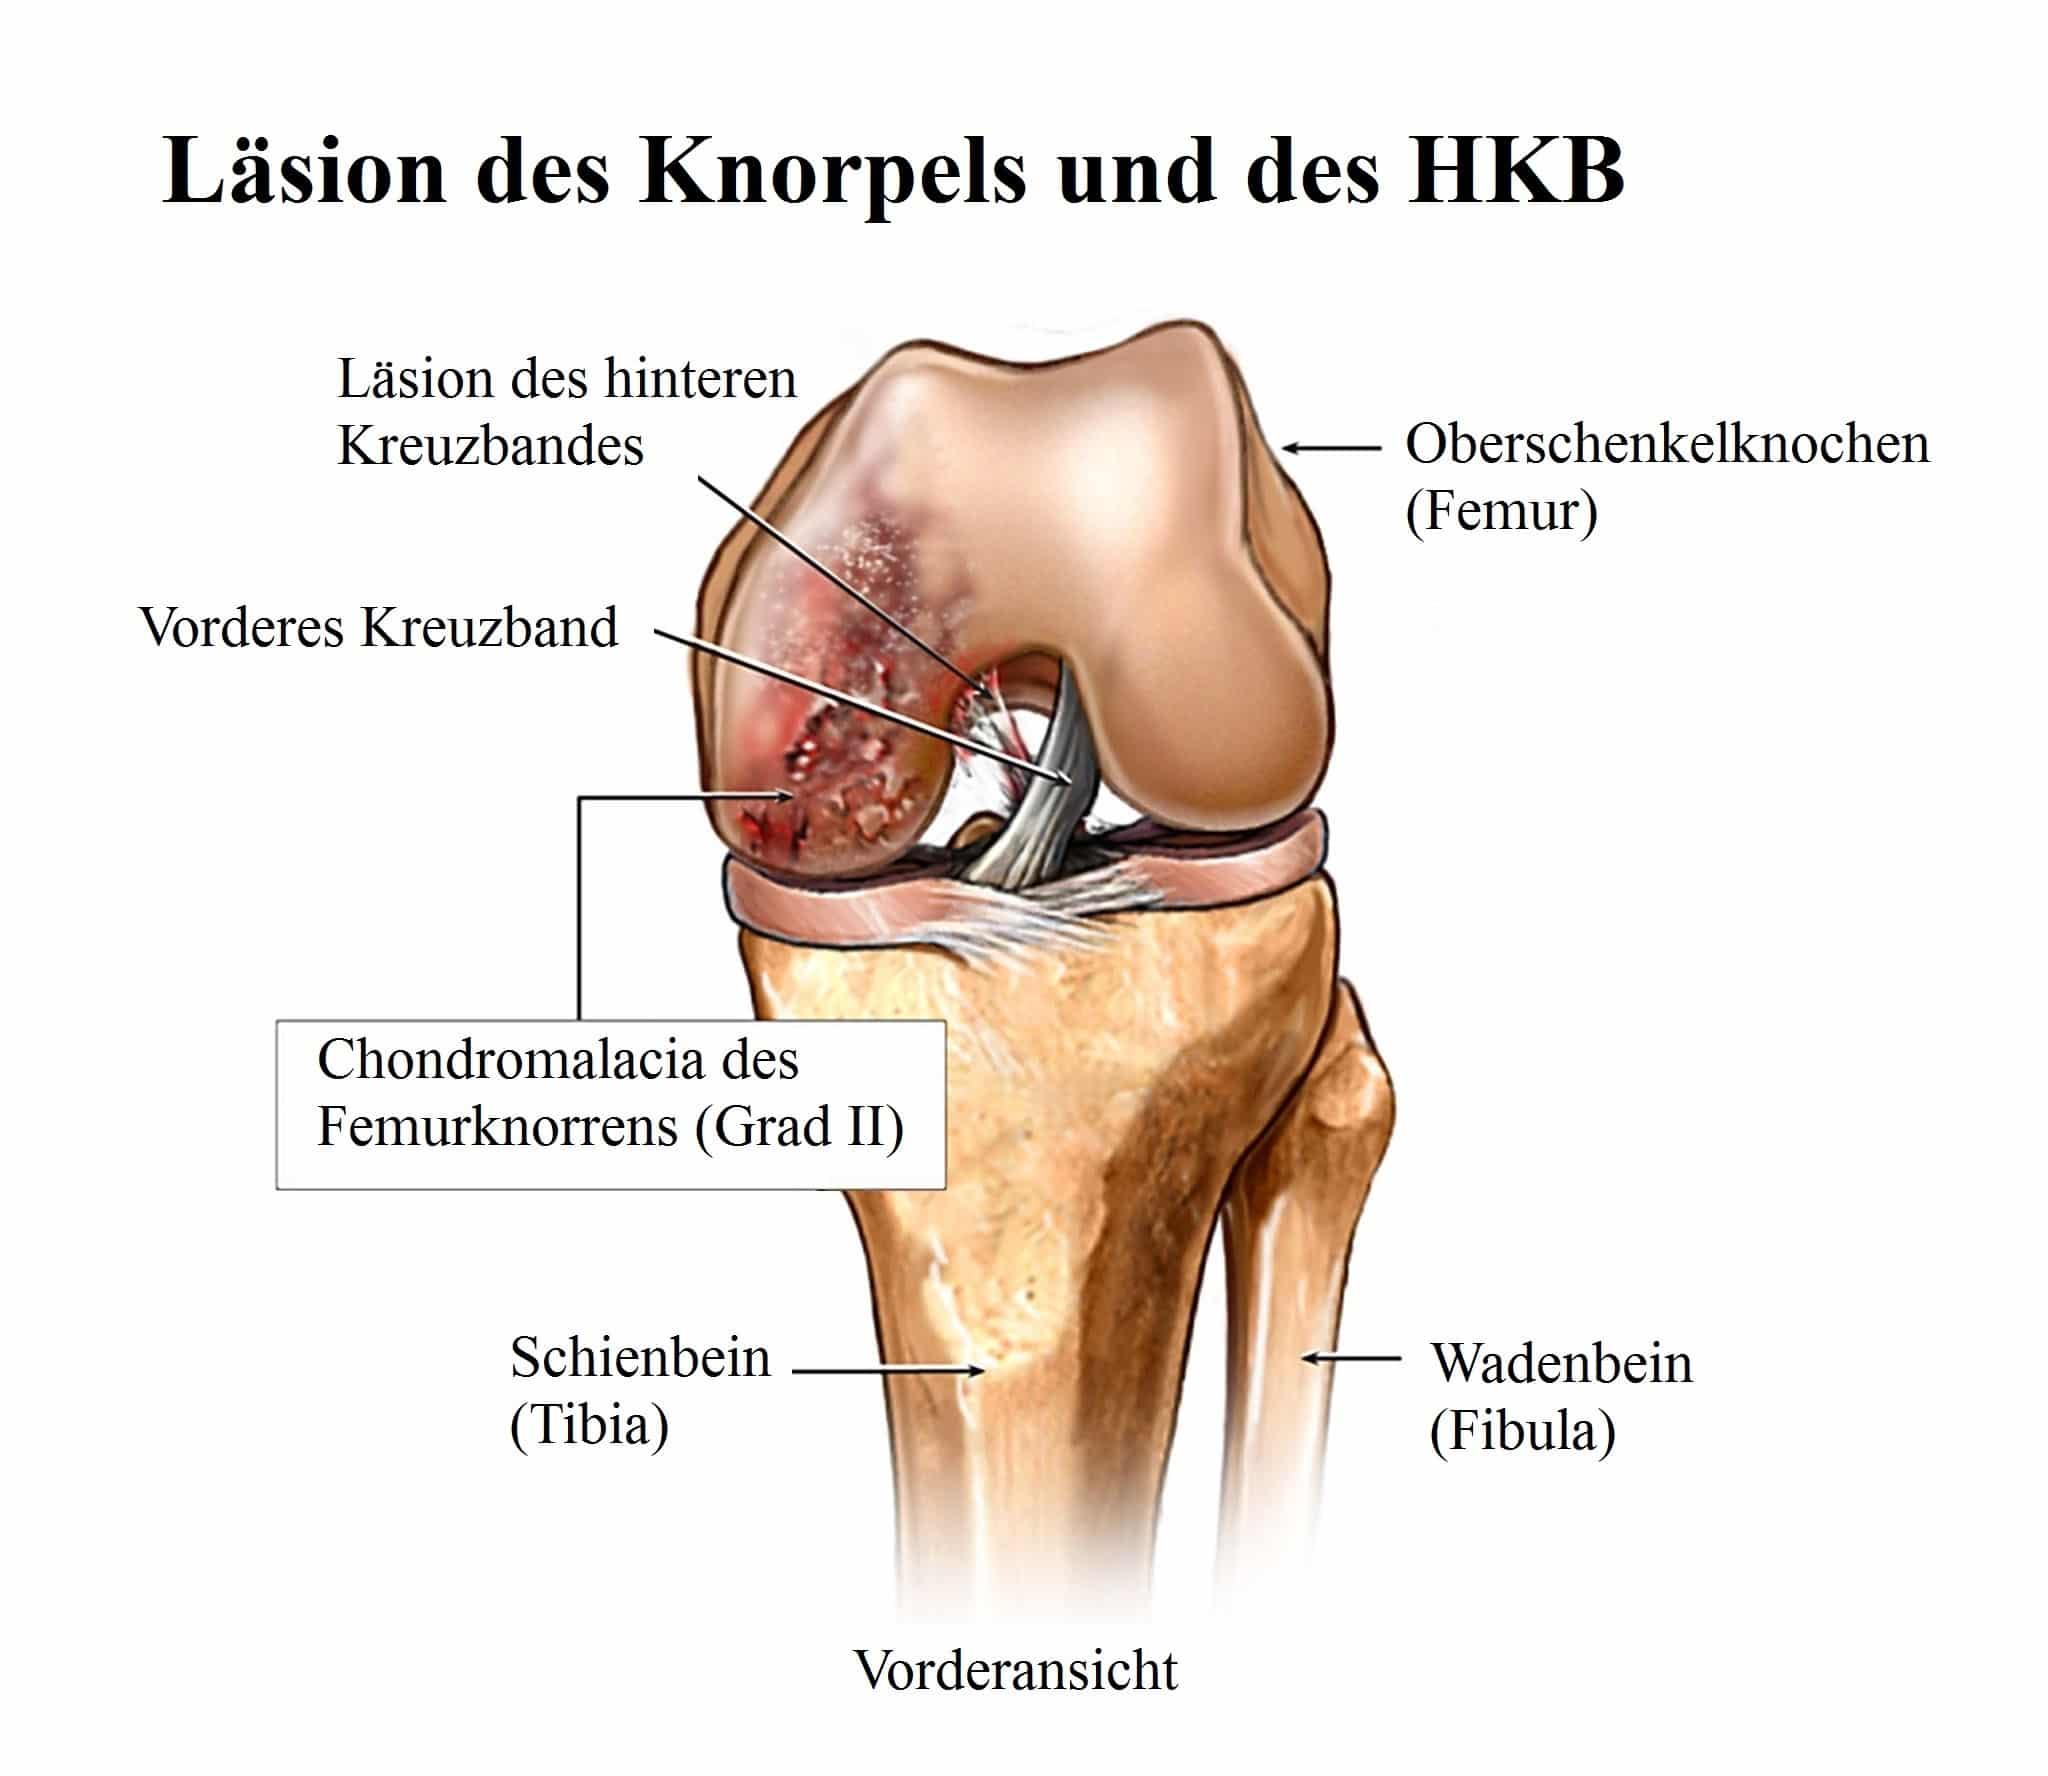 Fantastisch Anatomie Des Knorpels Ideen - Menschliche Anatomie ...